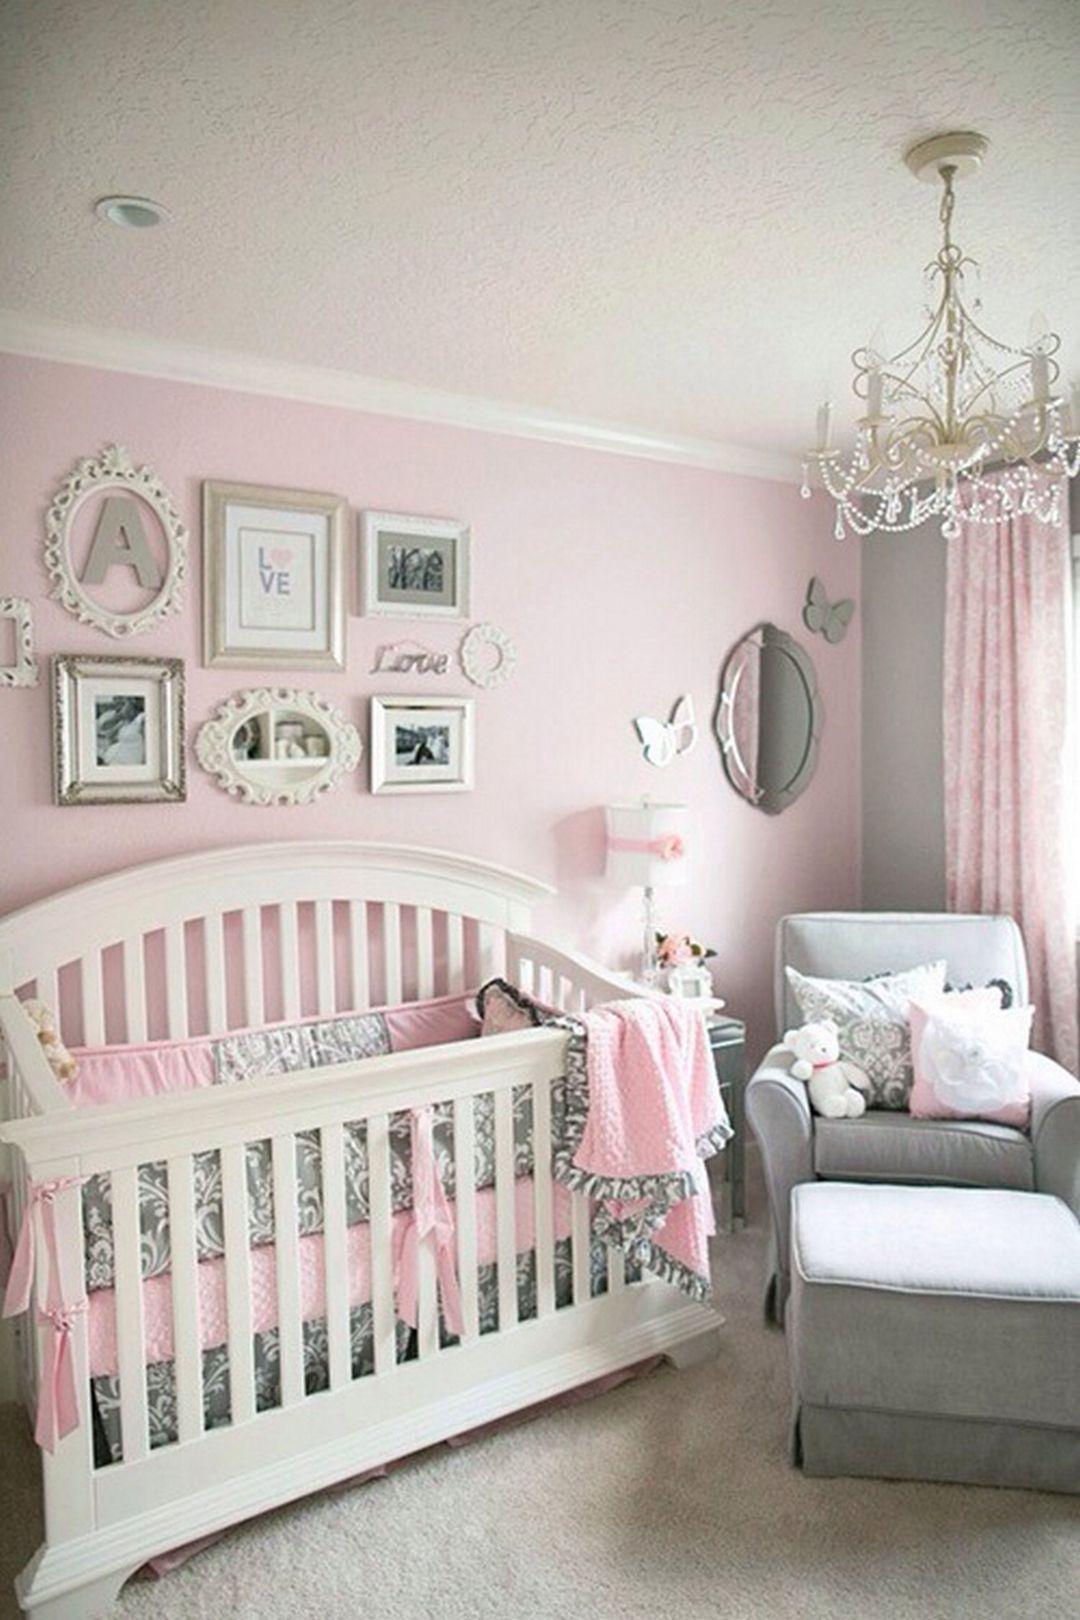 24 Adorable Baby Girl Room Ideas Kinderzimmer für